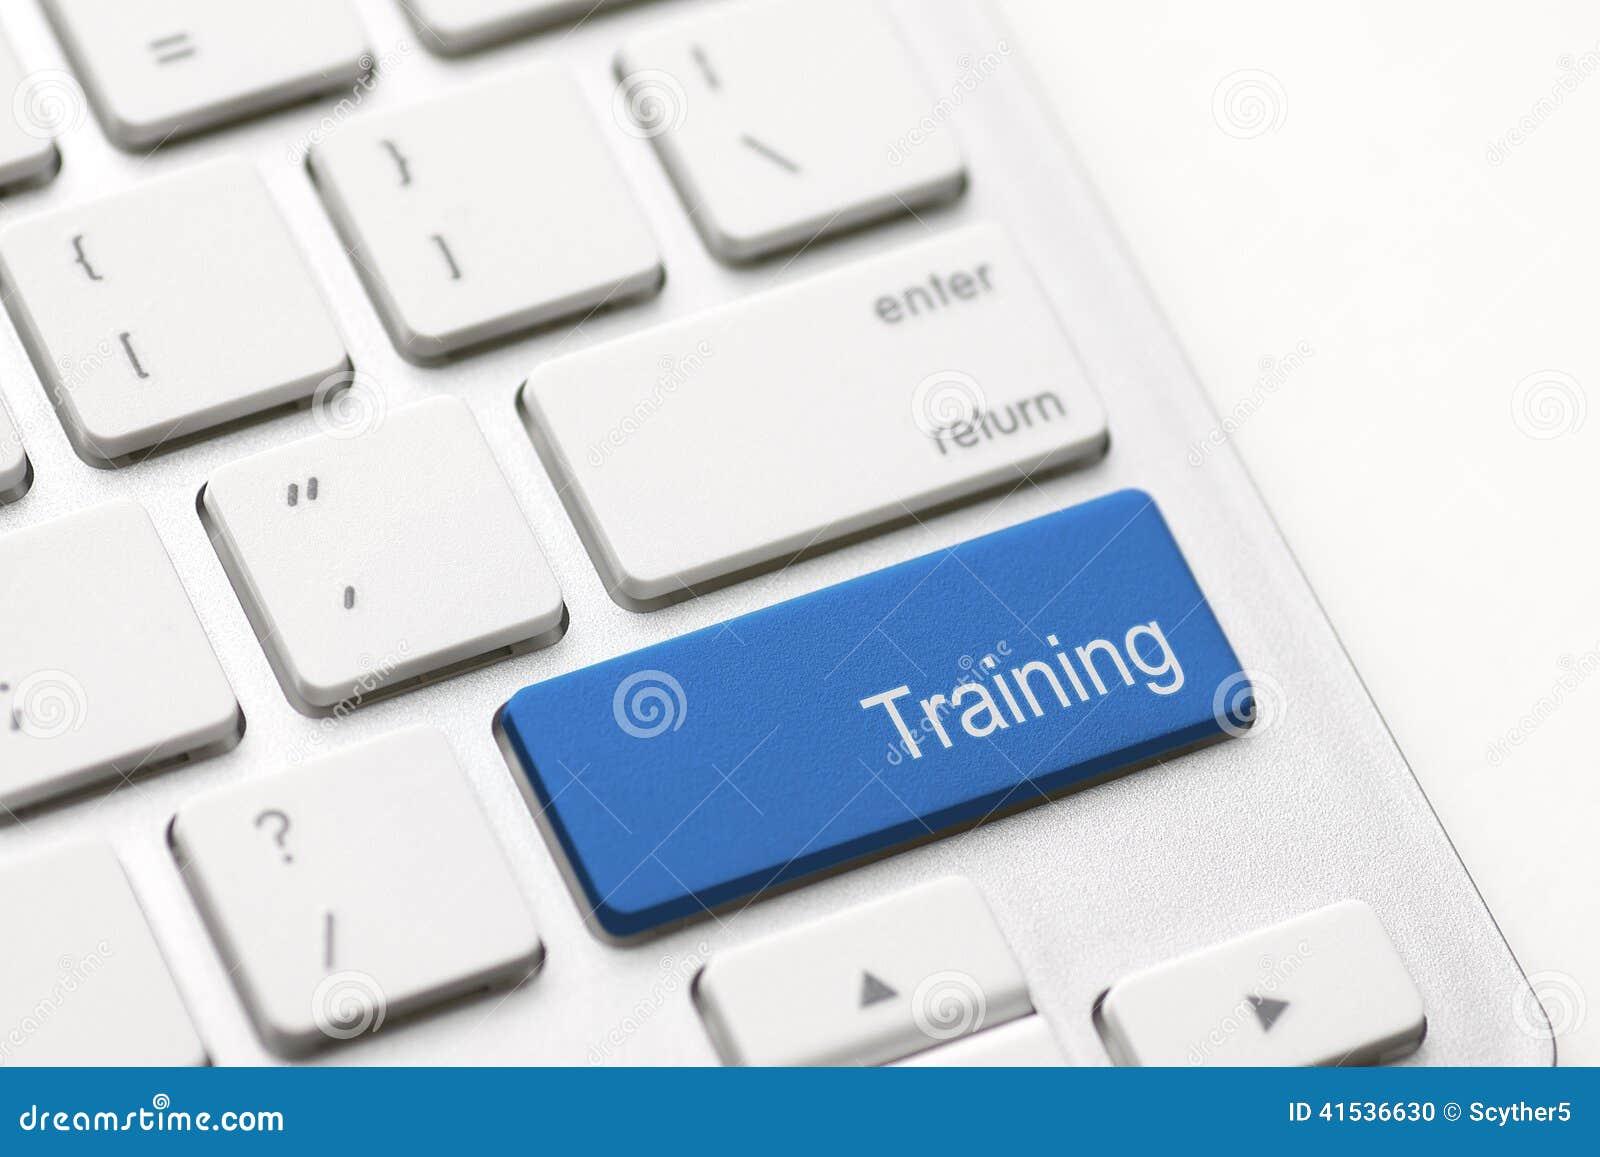 Sformułowania szkolenie na komputerowej klawiaturze